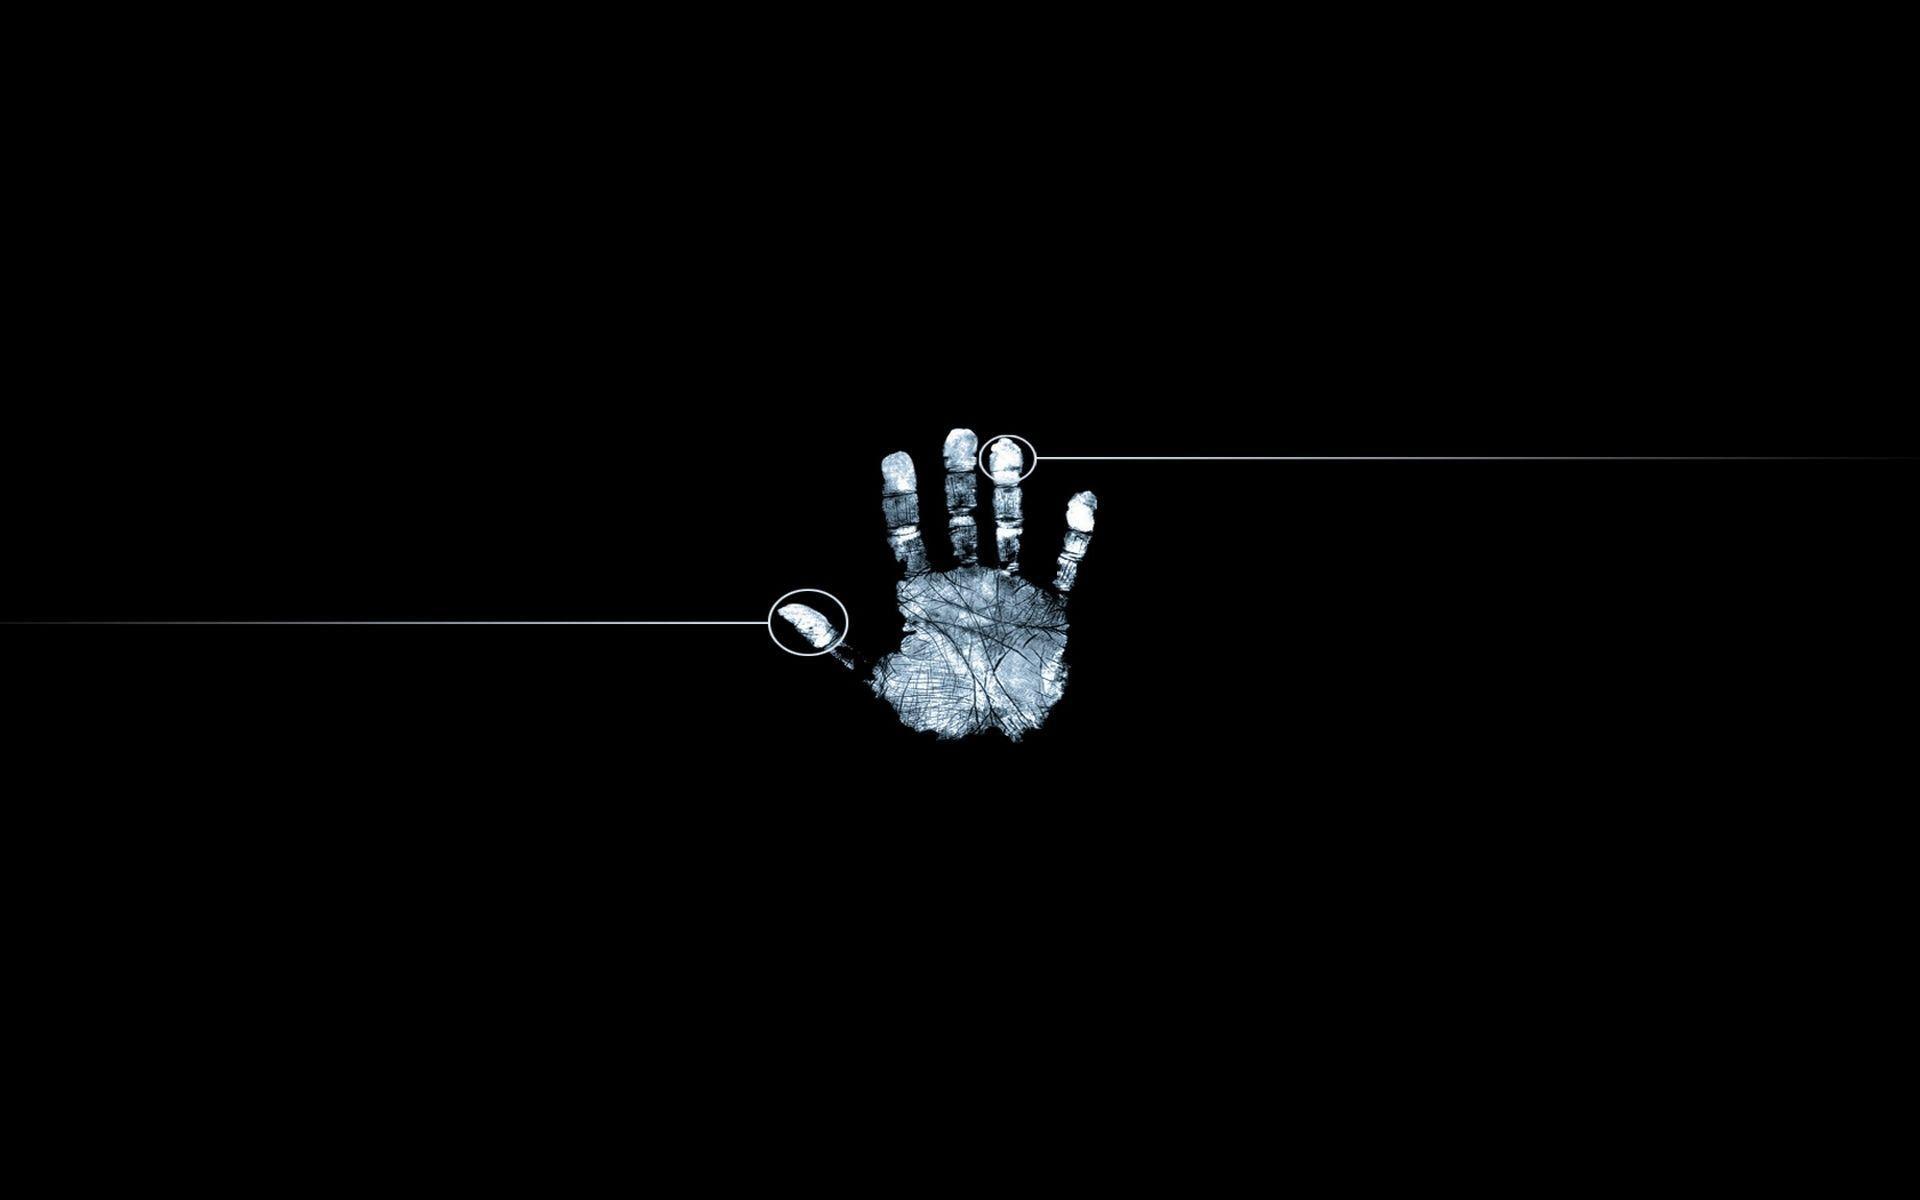 Hình avatar đen độc đáo đẹp